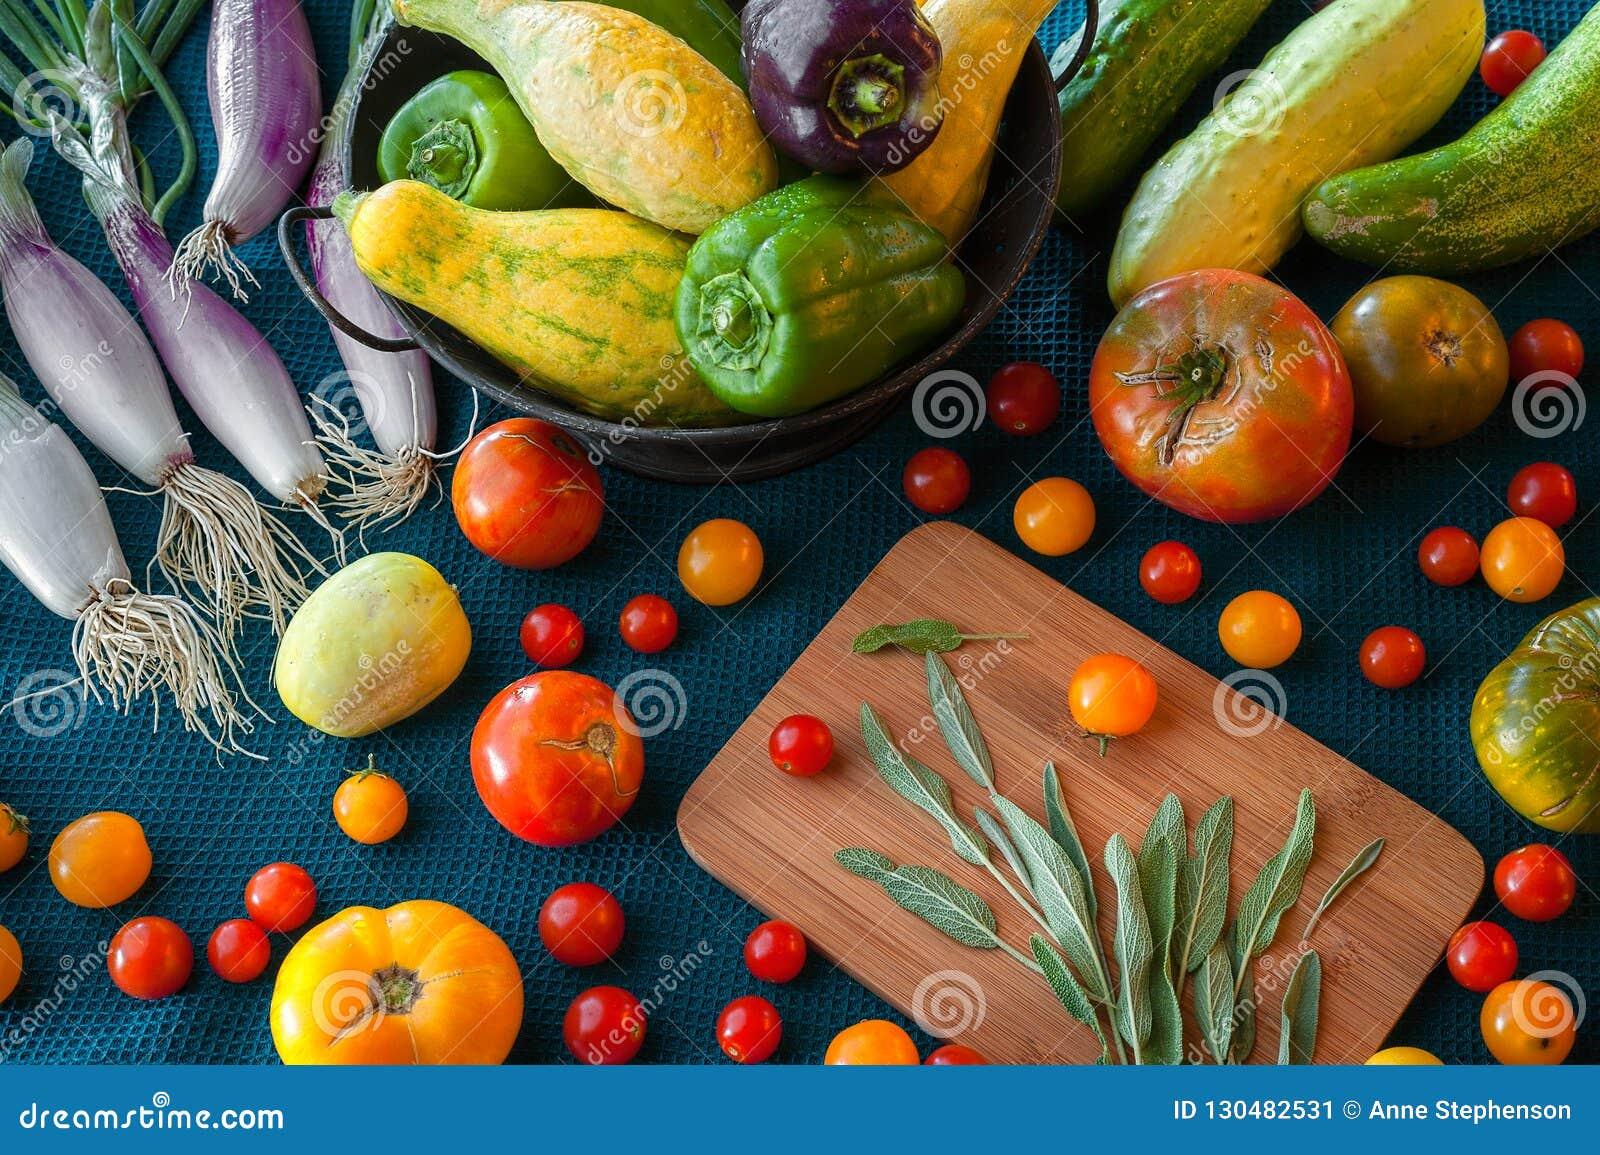 Μια γενναιοδωρία των φρέσκων προϊόντων συμπεριλαμβανομένων των κρεμμυδιών, της ντομάτας, της κολοκύνθης, του πιπεριού, της φασκομ